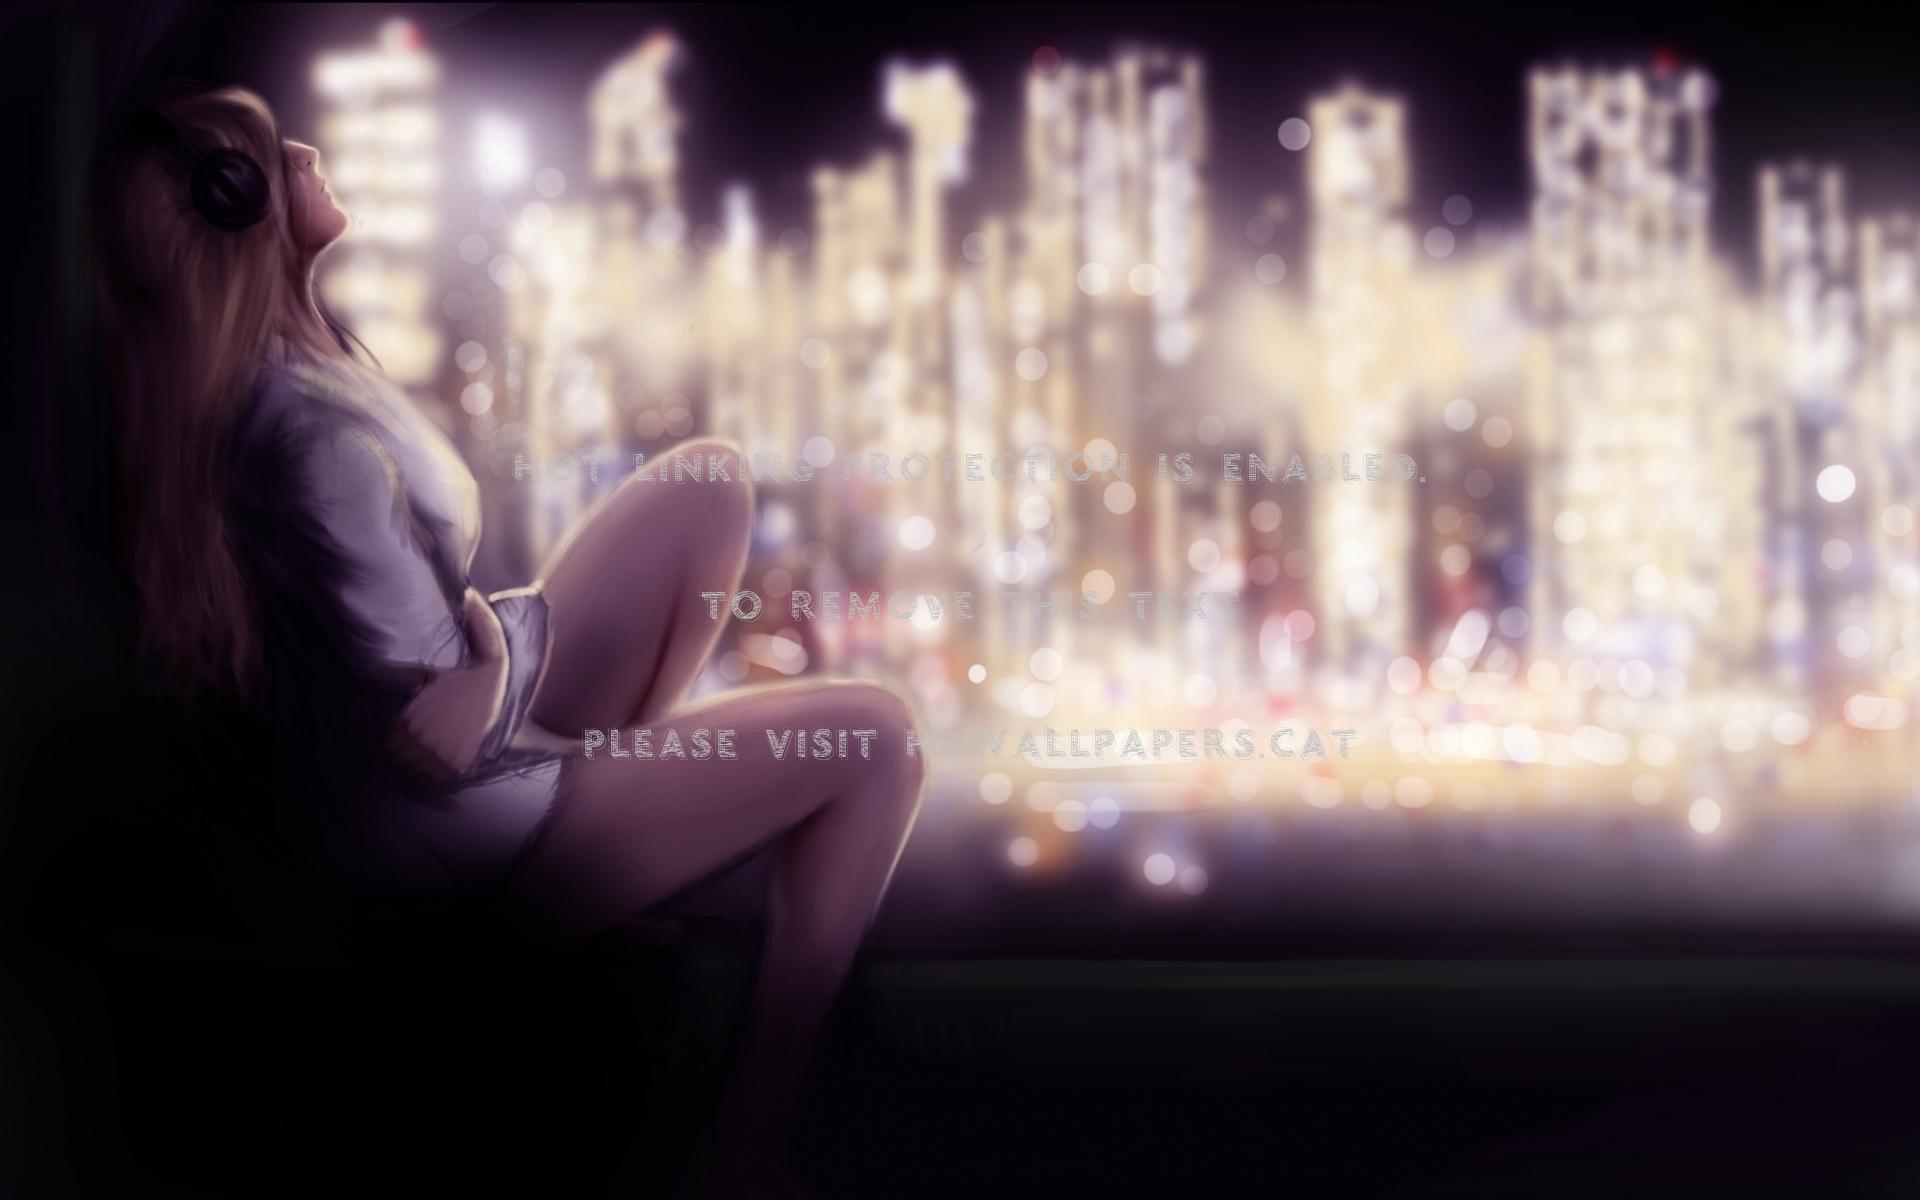 Crying Girl Sad City Anime Night Lights - Sadness Alone Girl Wallpaper Anime - HD Wallpaper